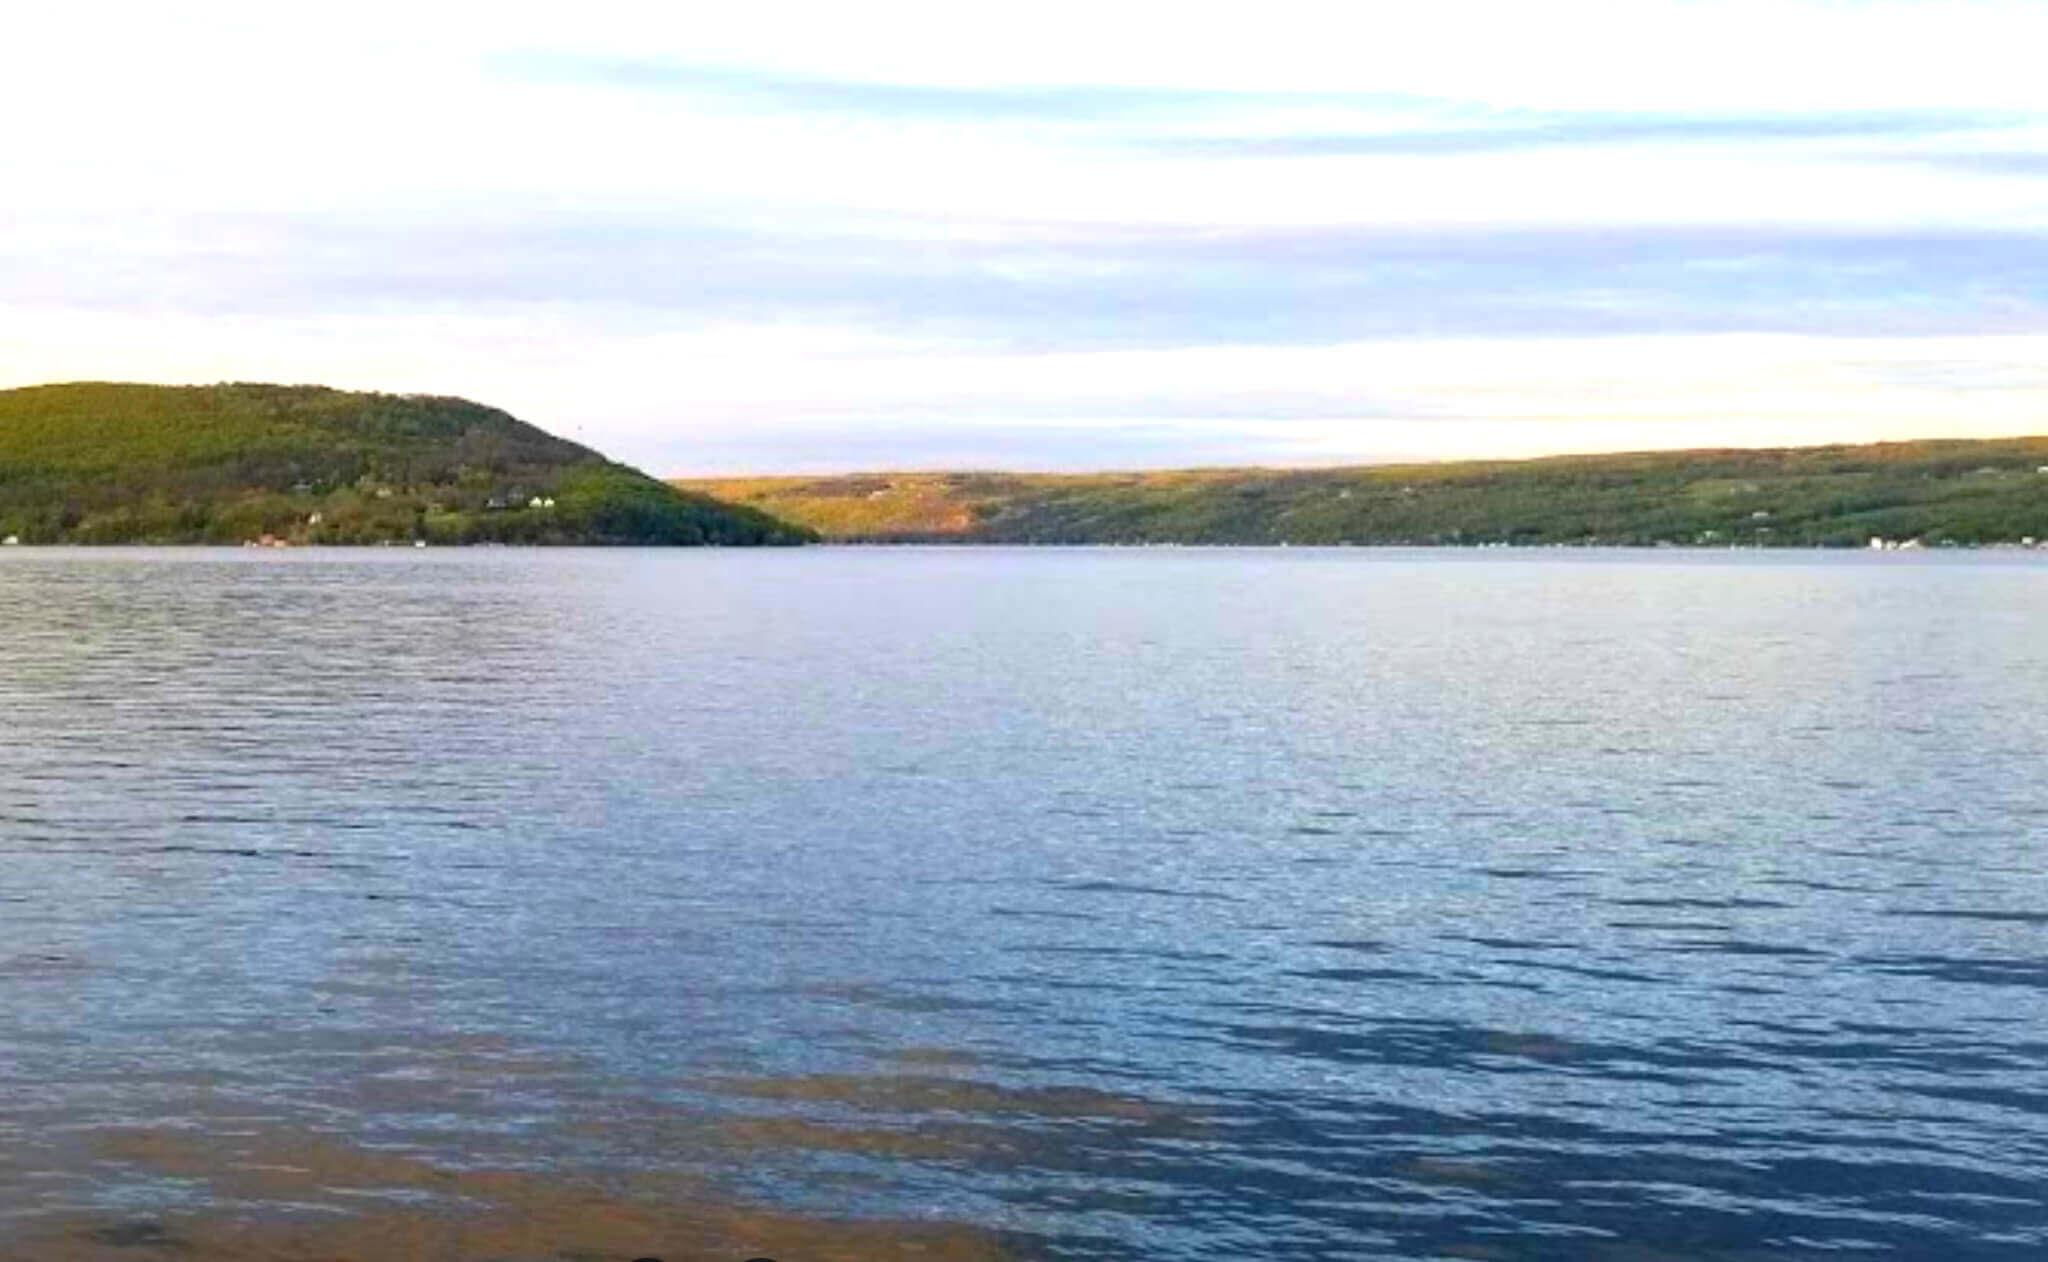 Keuka-Lake-Fishing-Report-Guide-New-York-NY-02